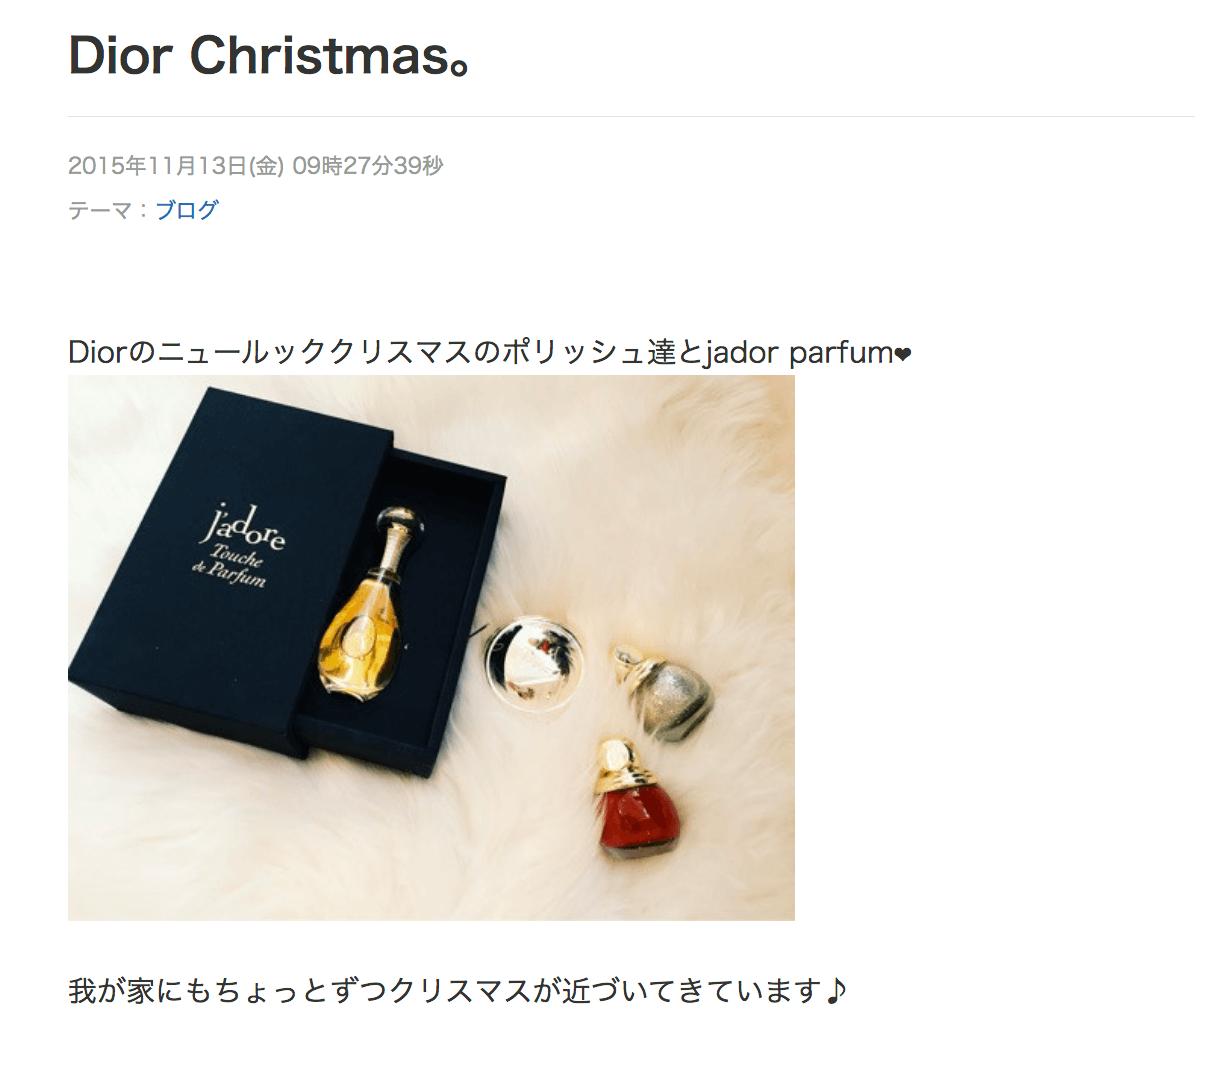 紗栄子が使ってる香水Dior jadore